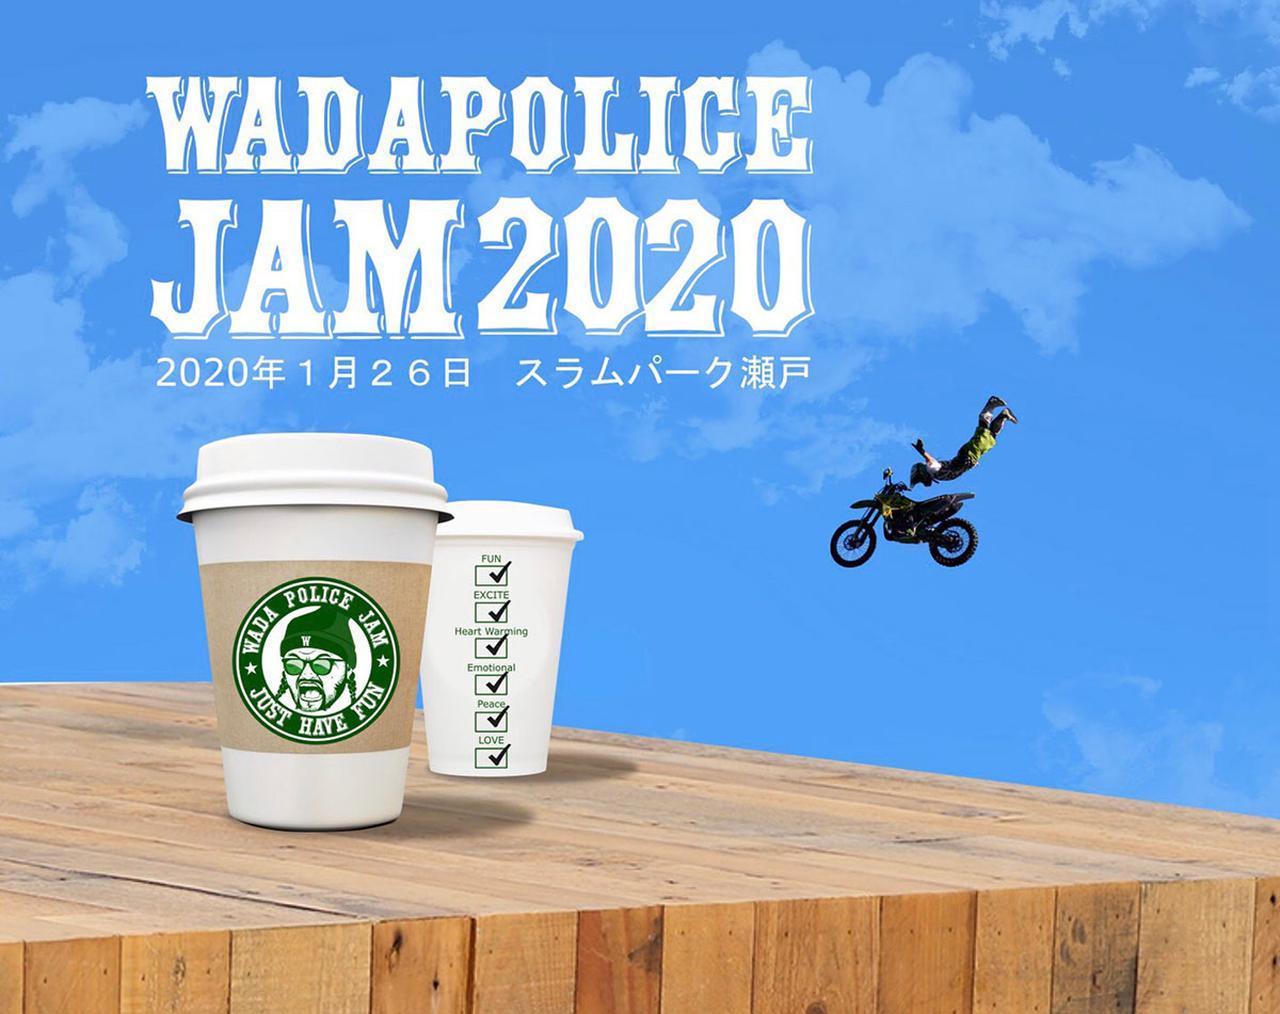 画像: WADAPOLICE JAM MOTO 2020 開催決定!